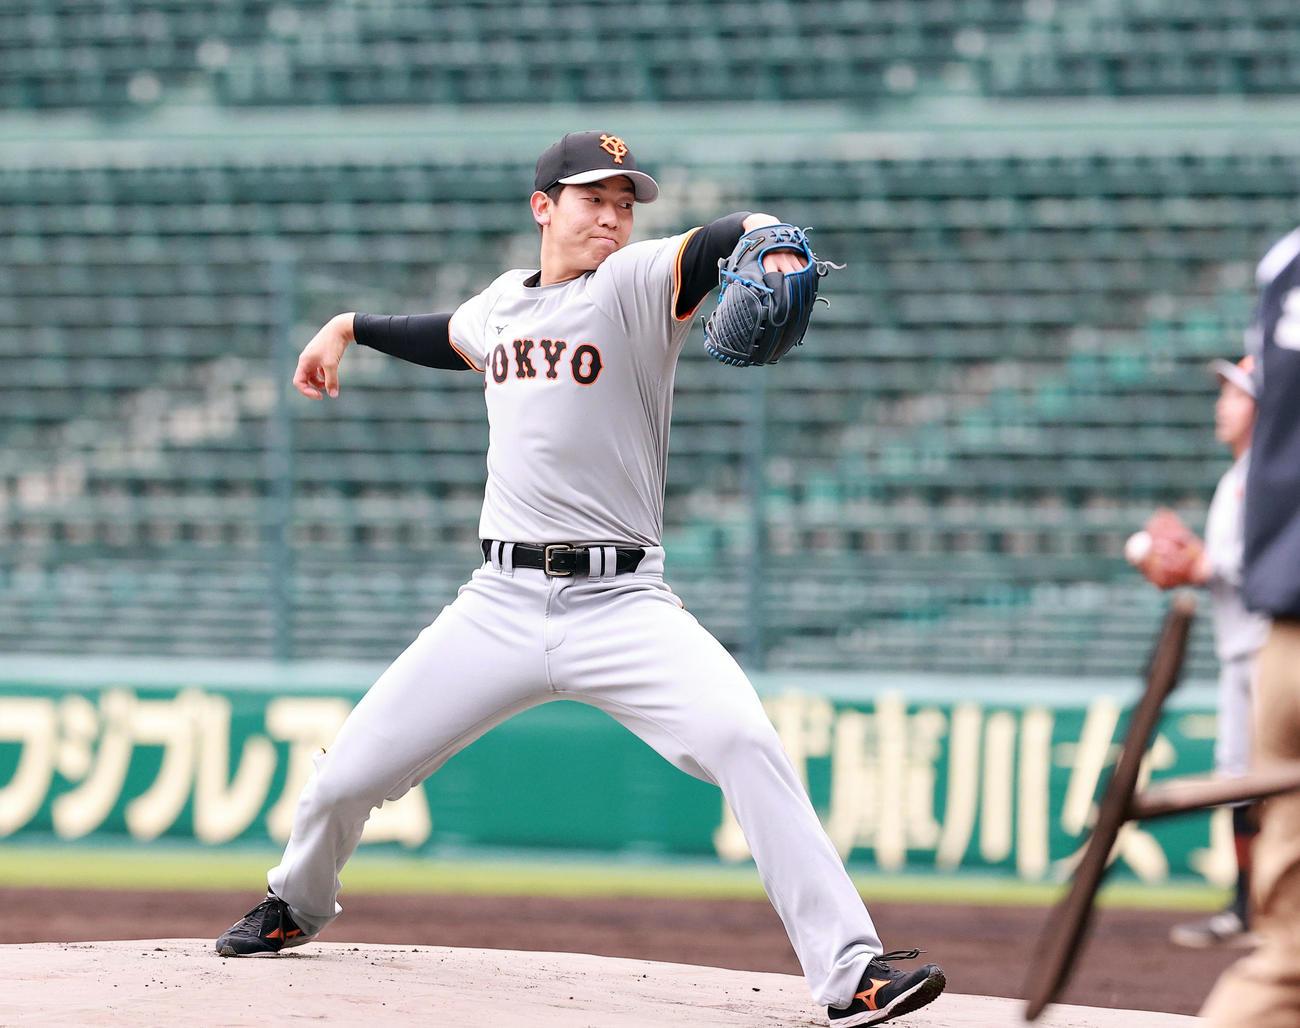 阪神対巨人 試合前練習でマウンドを確認する巨人の畠(撮影・浅見桂子)